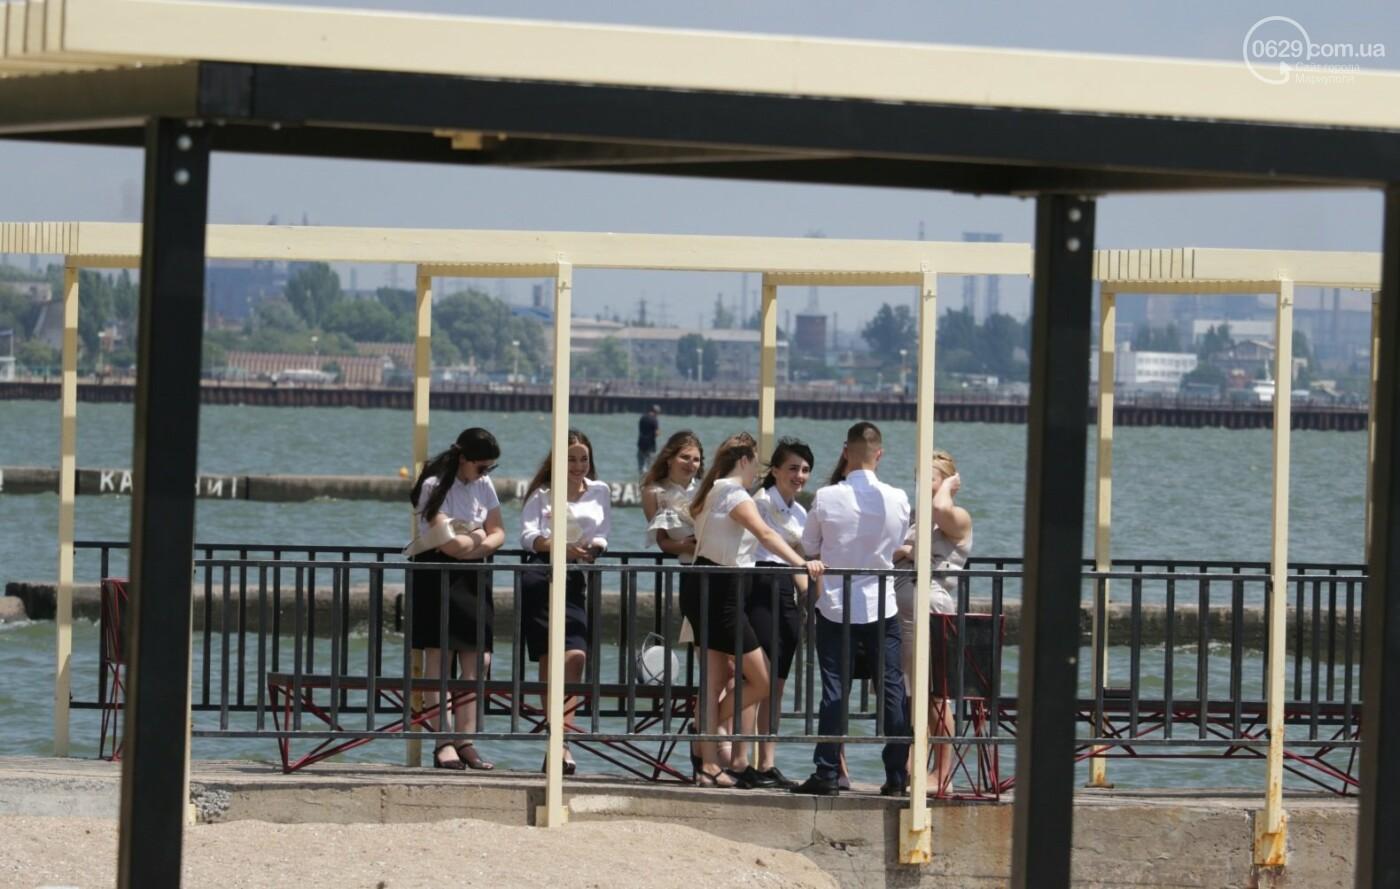 Как мариупольские школьники у десантников фонтаны отбирали, - ФОТОРЕПОРТАЖ, фото-16